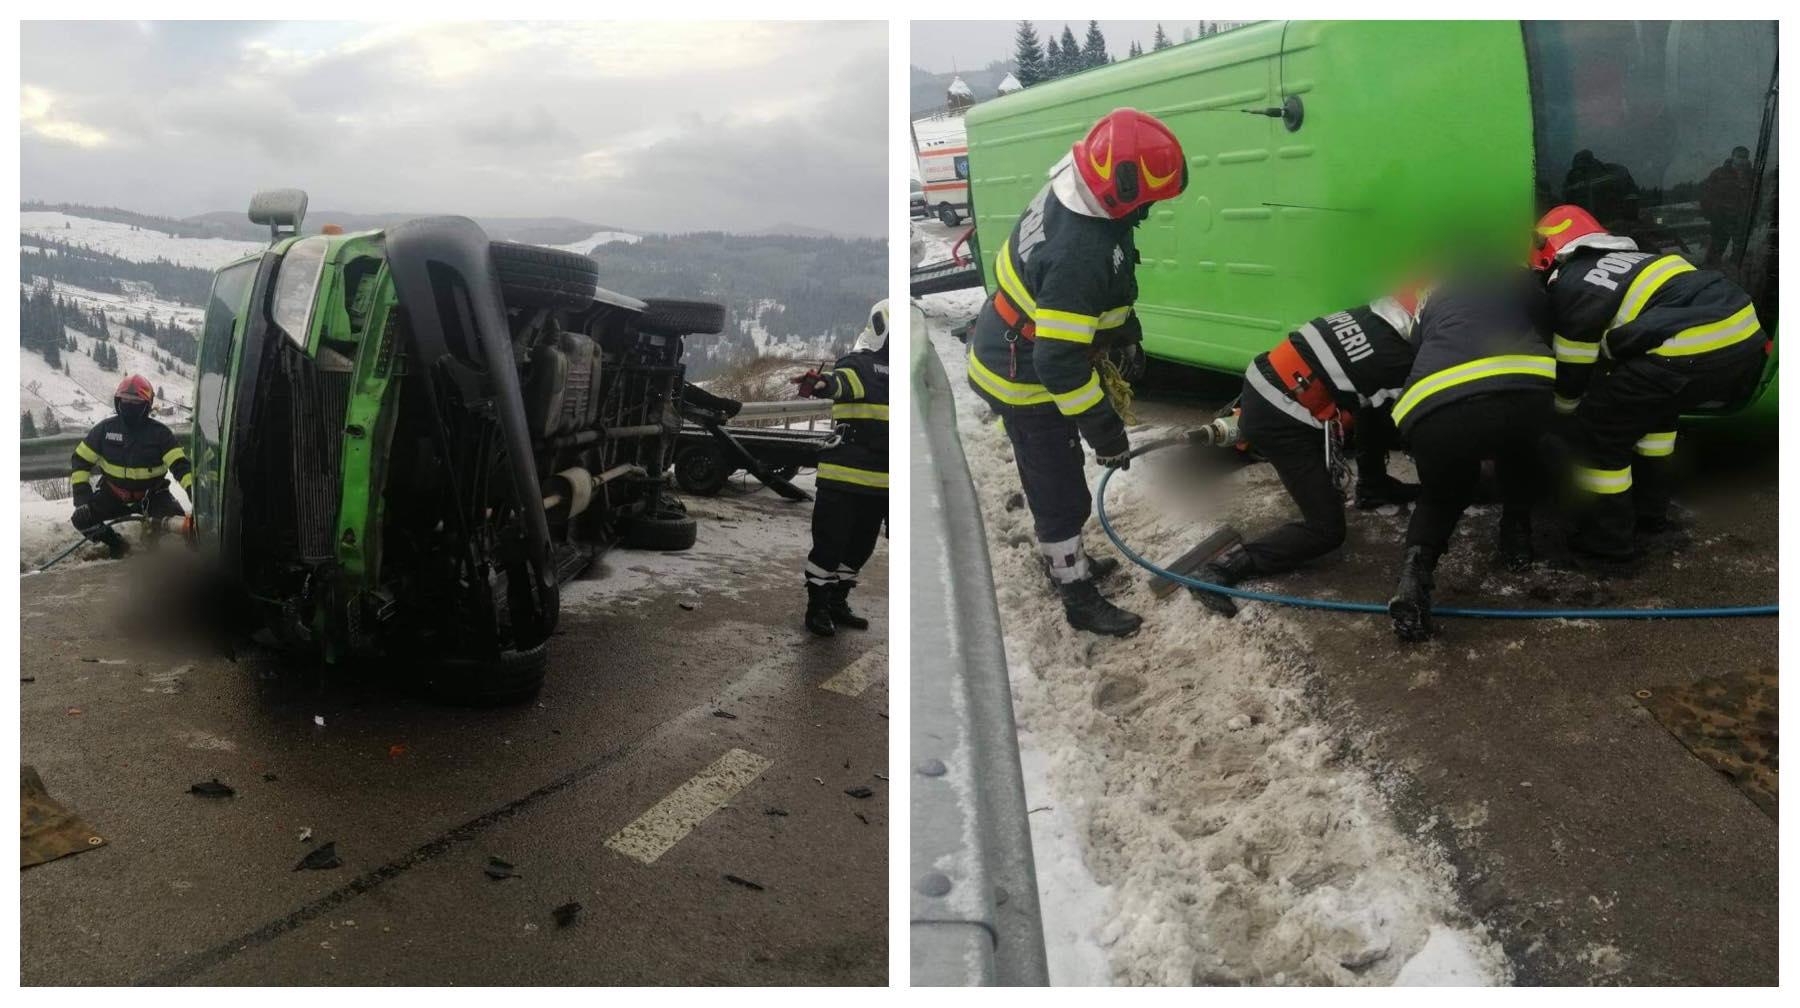 Accident grav în Suceava! Un microbuz cu pasageri s-a răsturnat, iar două persoane au murit - Cancan.ro